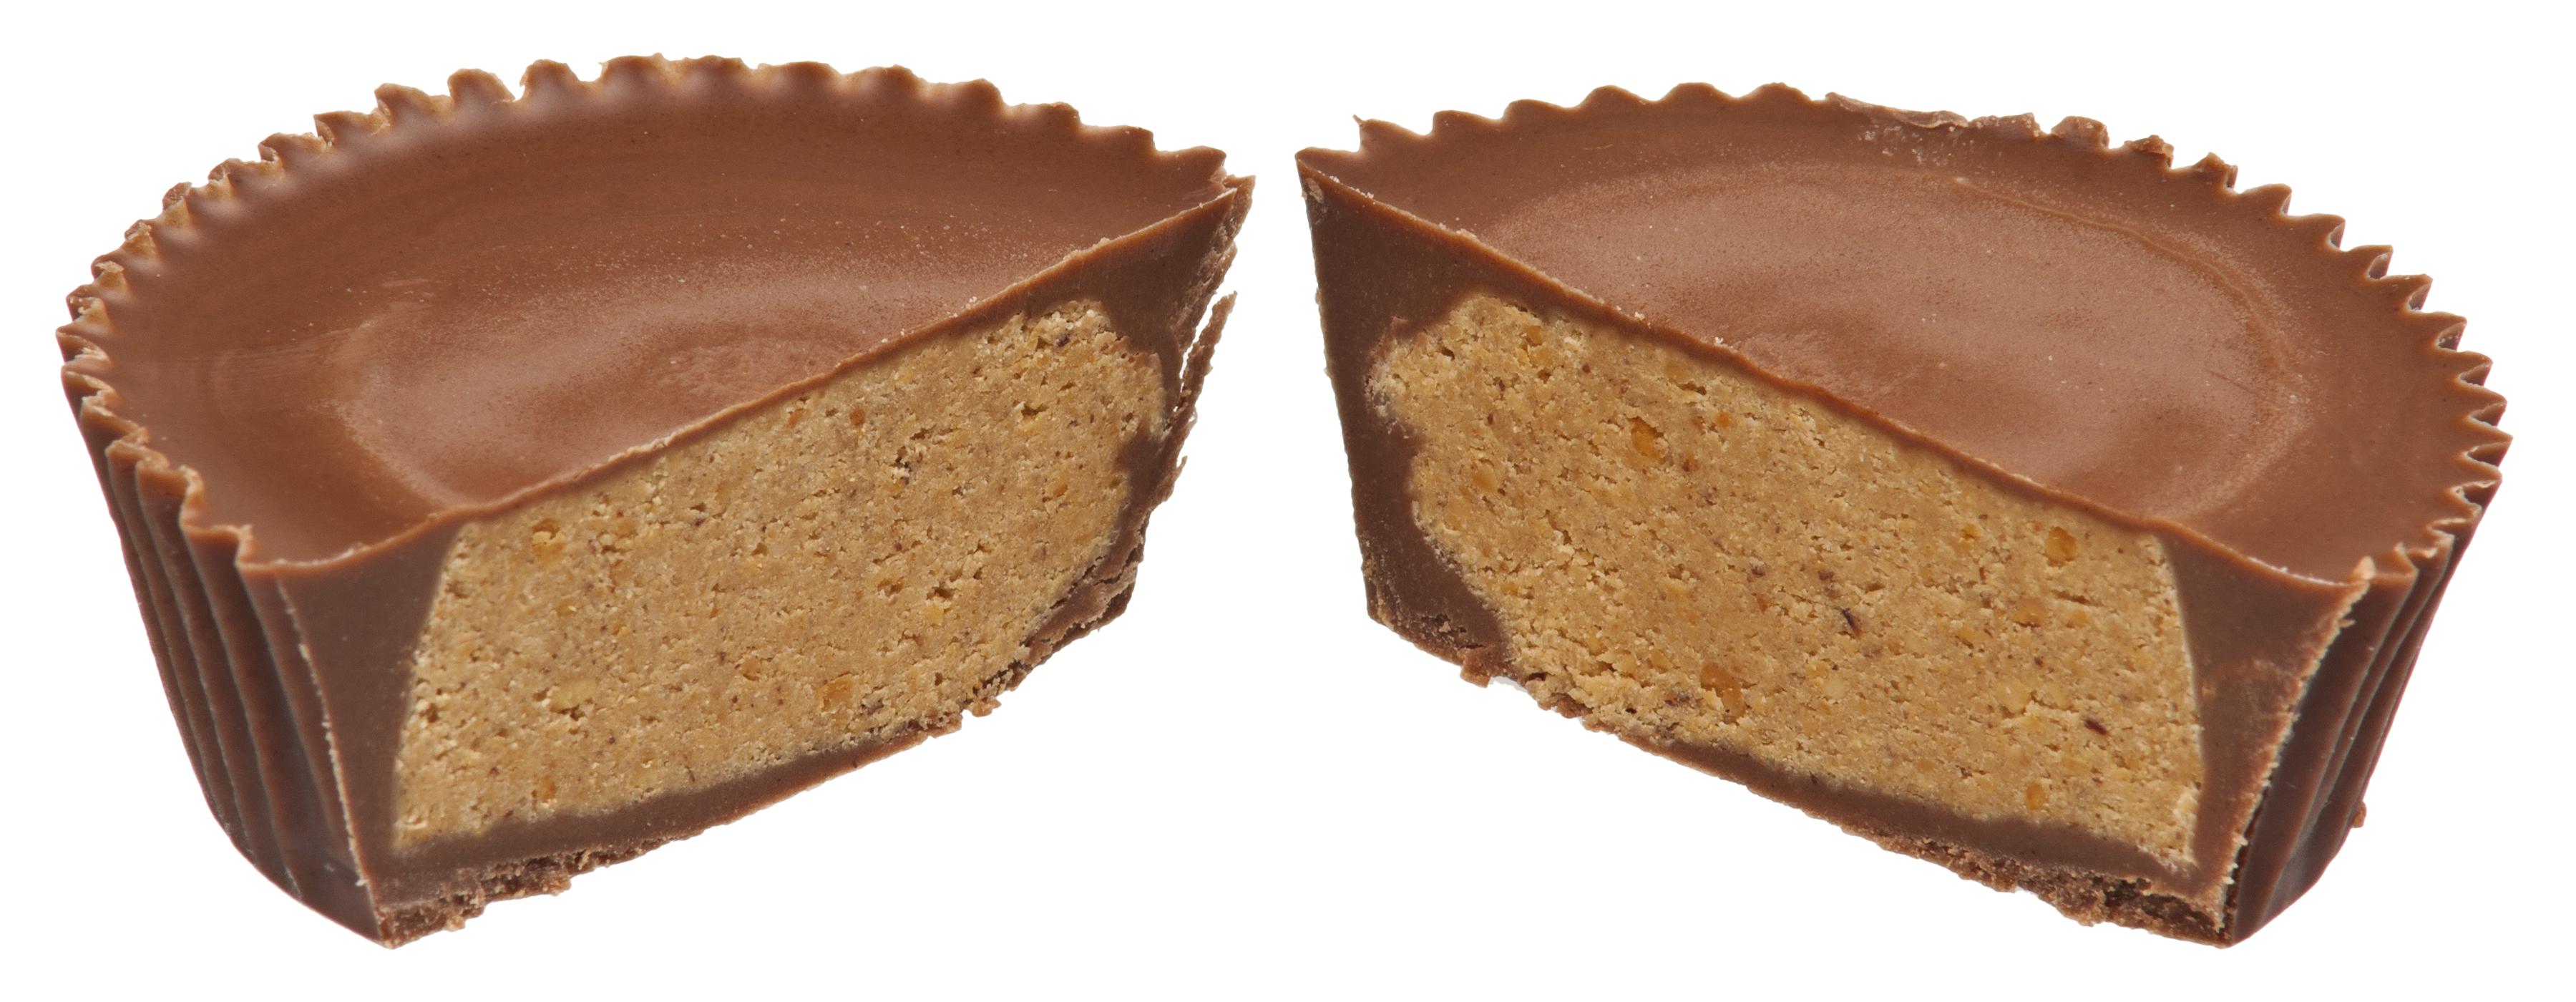 Reese's Peanut Butter Cup intérieur